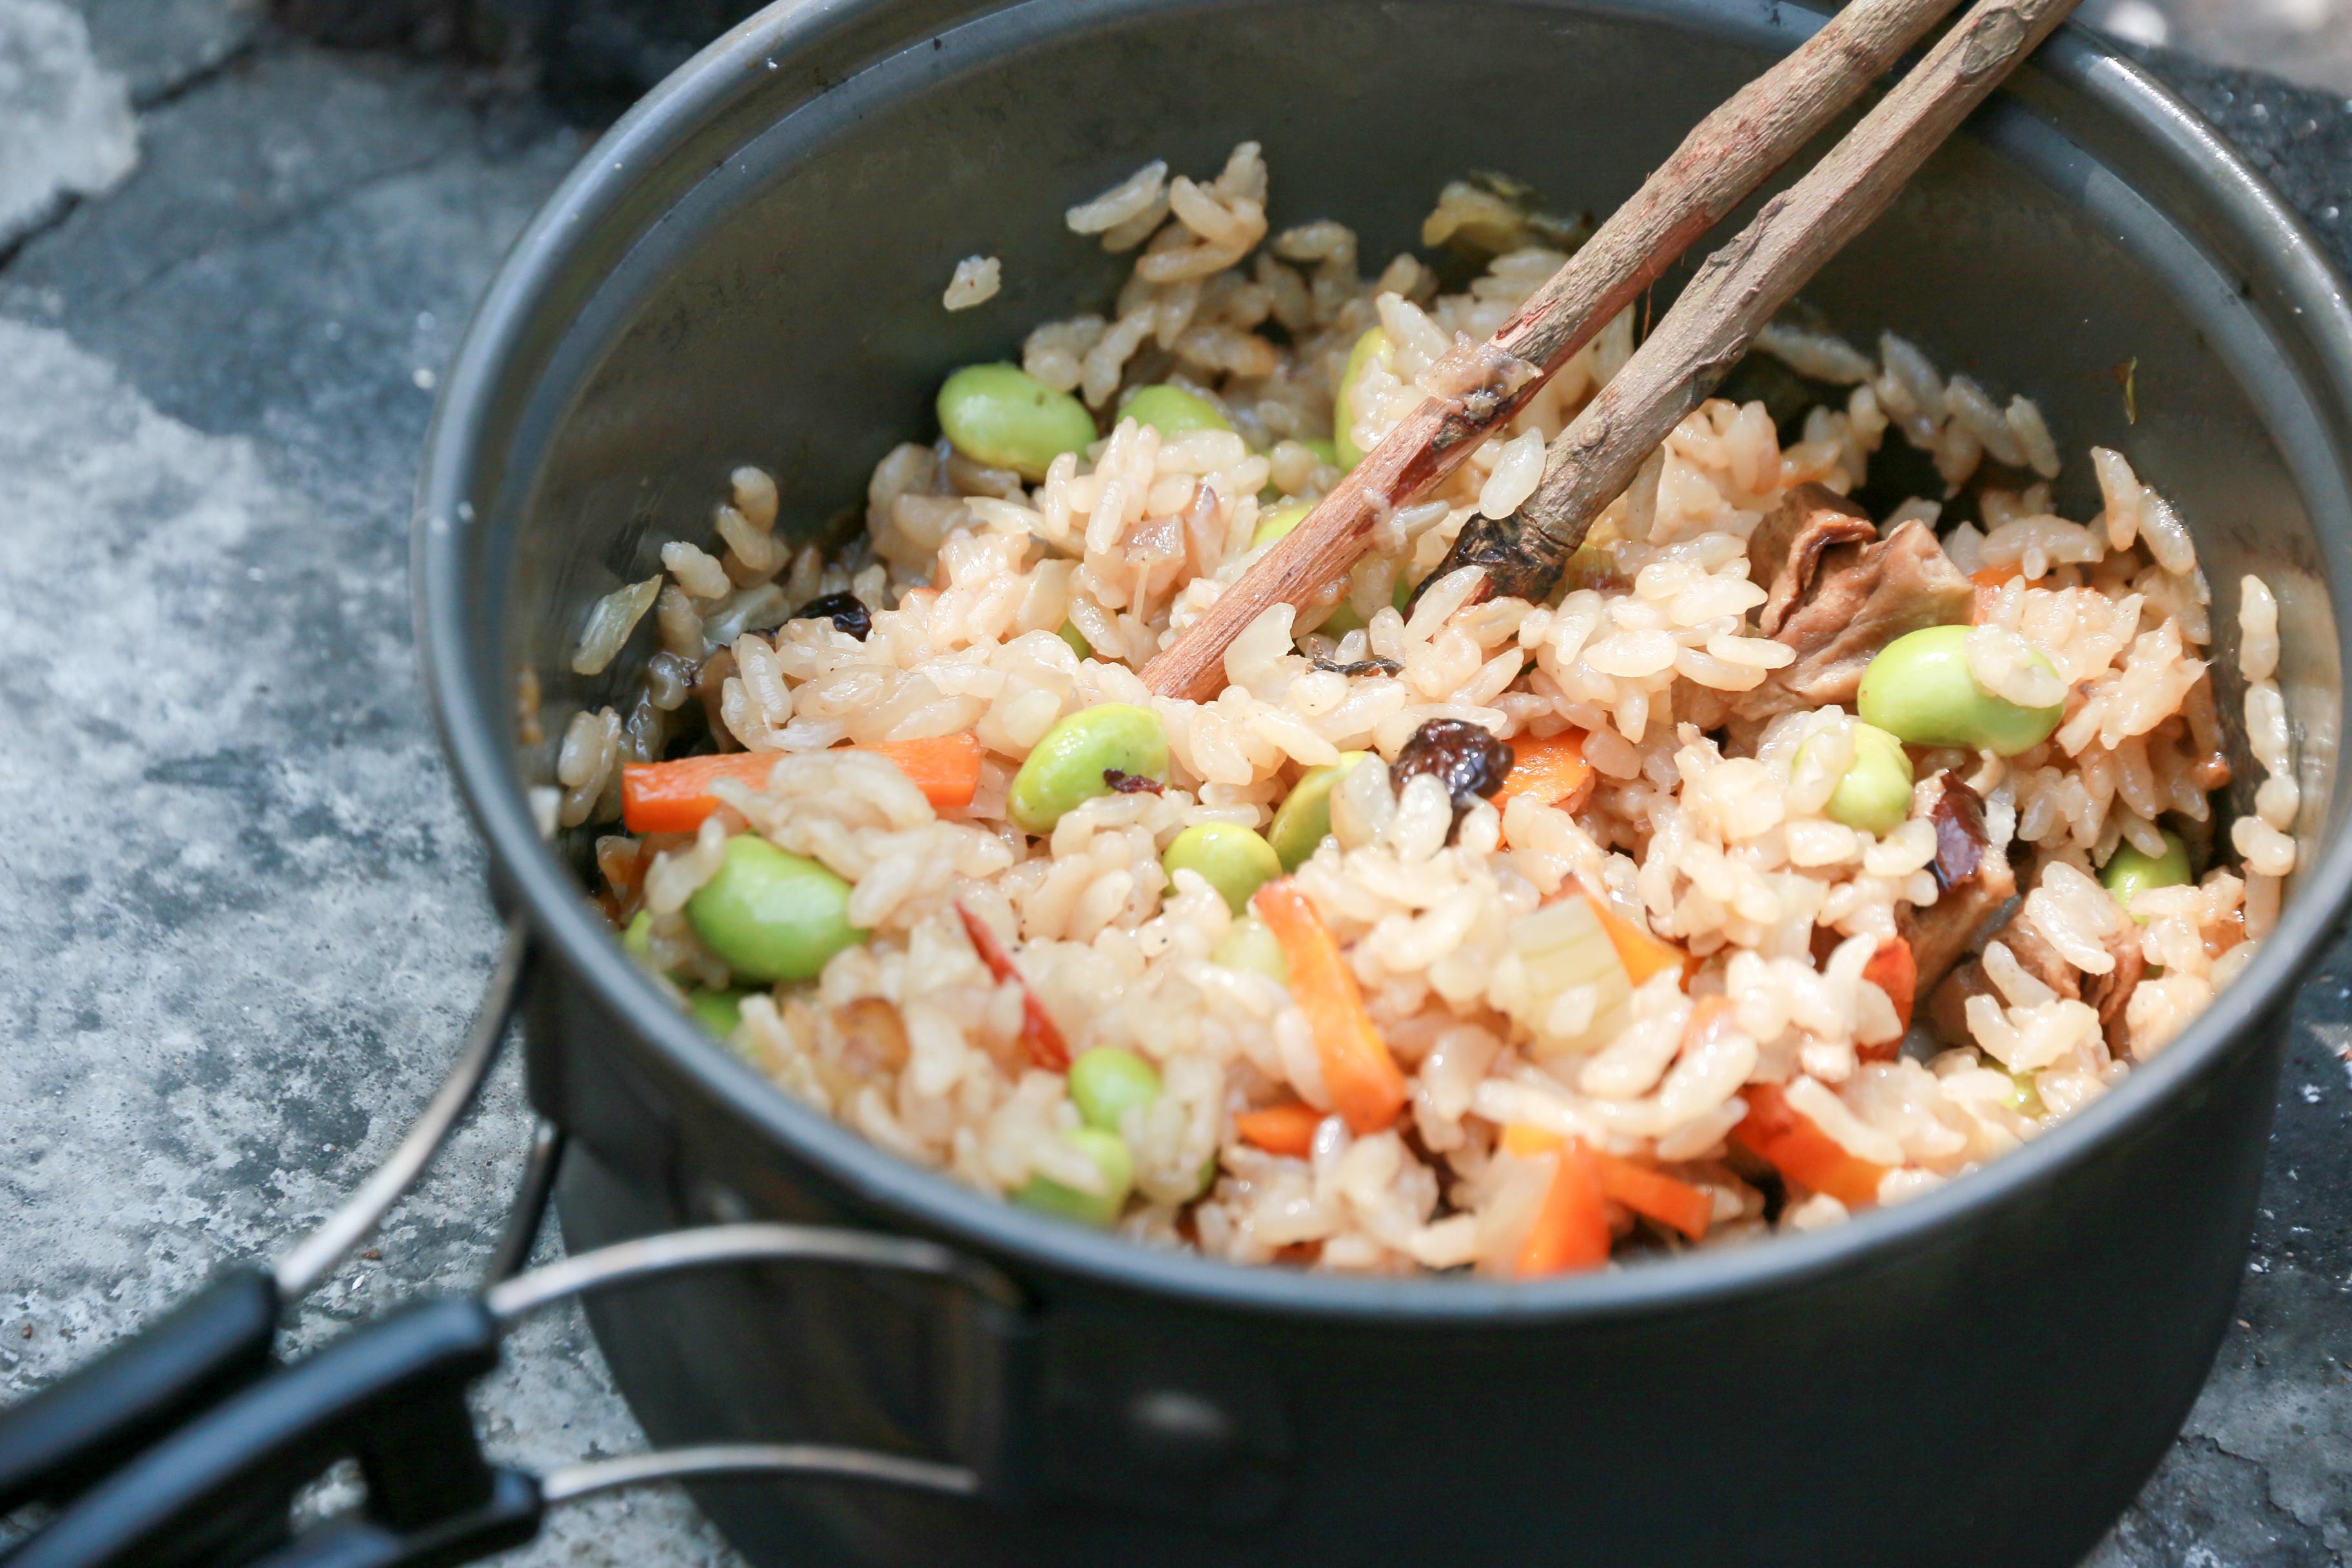 香菇毛豆炊飯 *柴火野炊版*